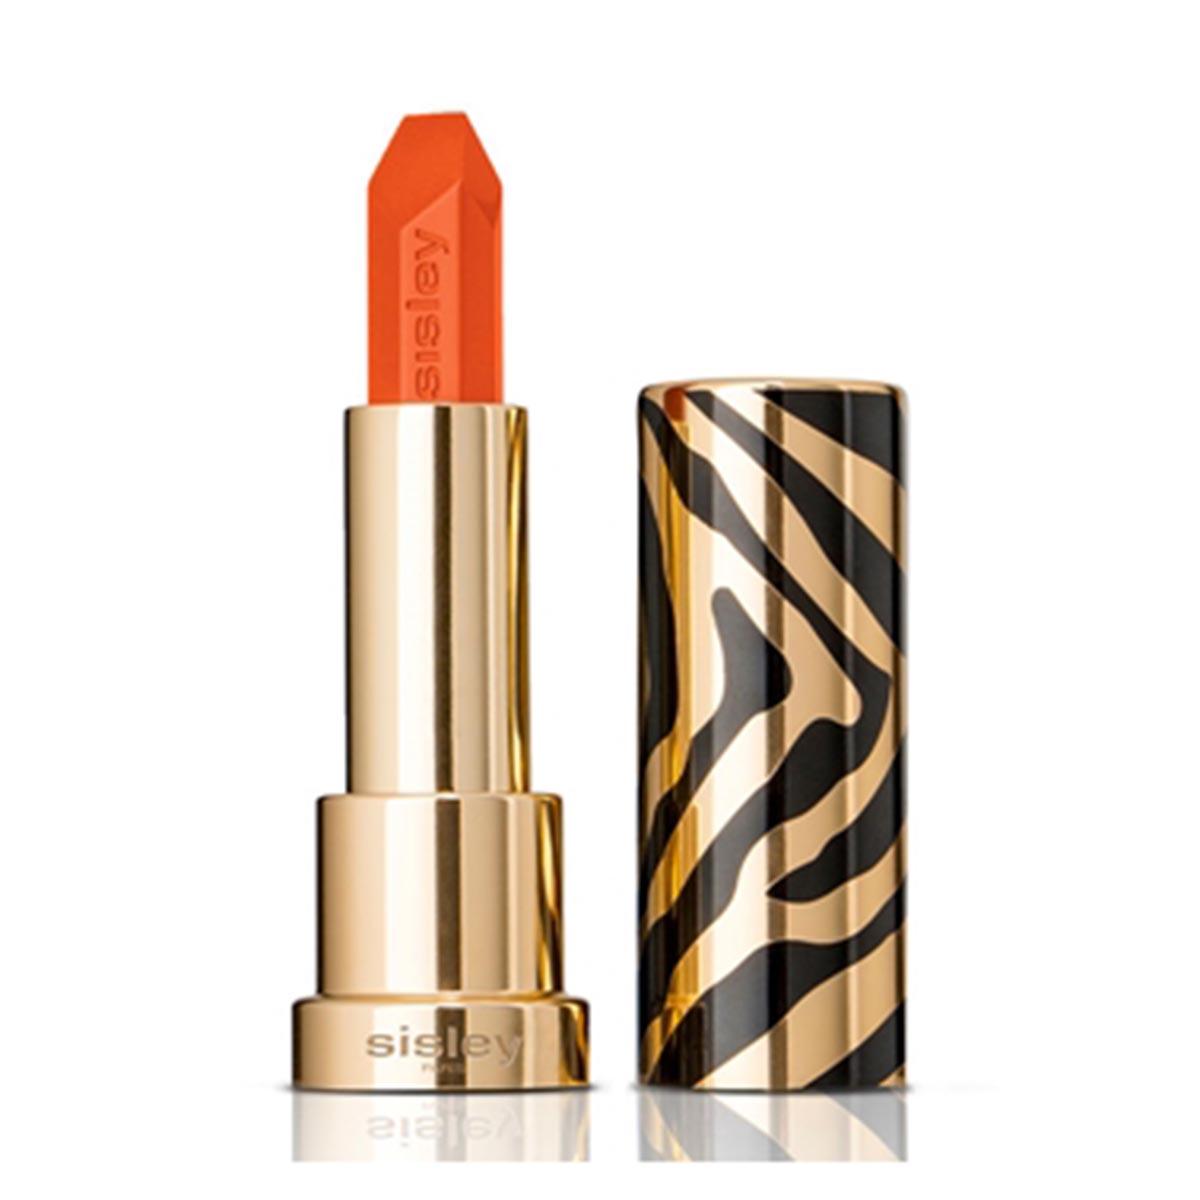 Sisley le phyto rouge long lasting hydration lipstick 31 orange acapulco